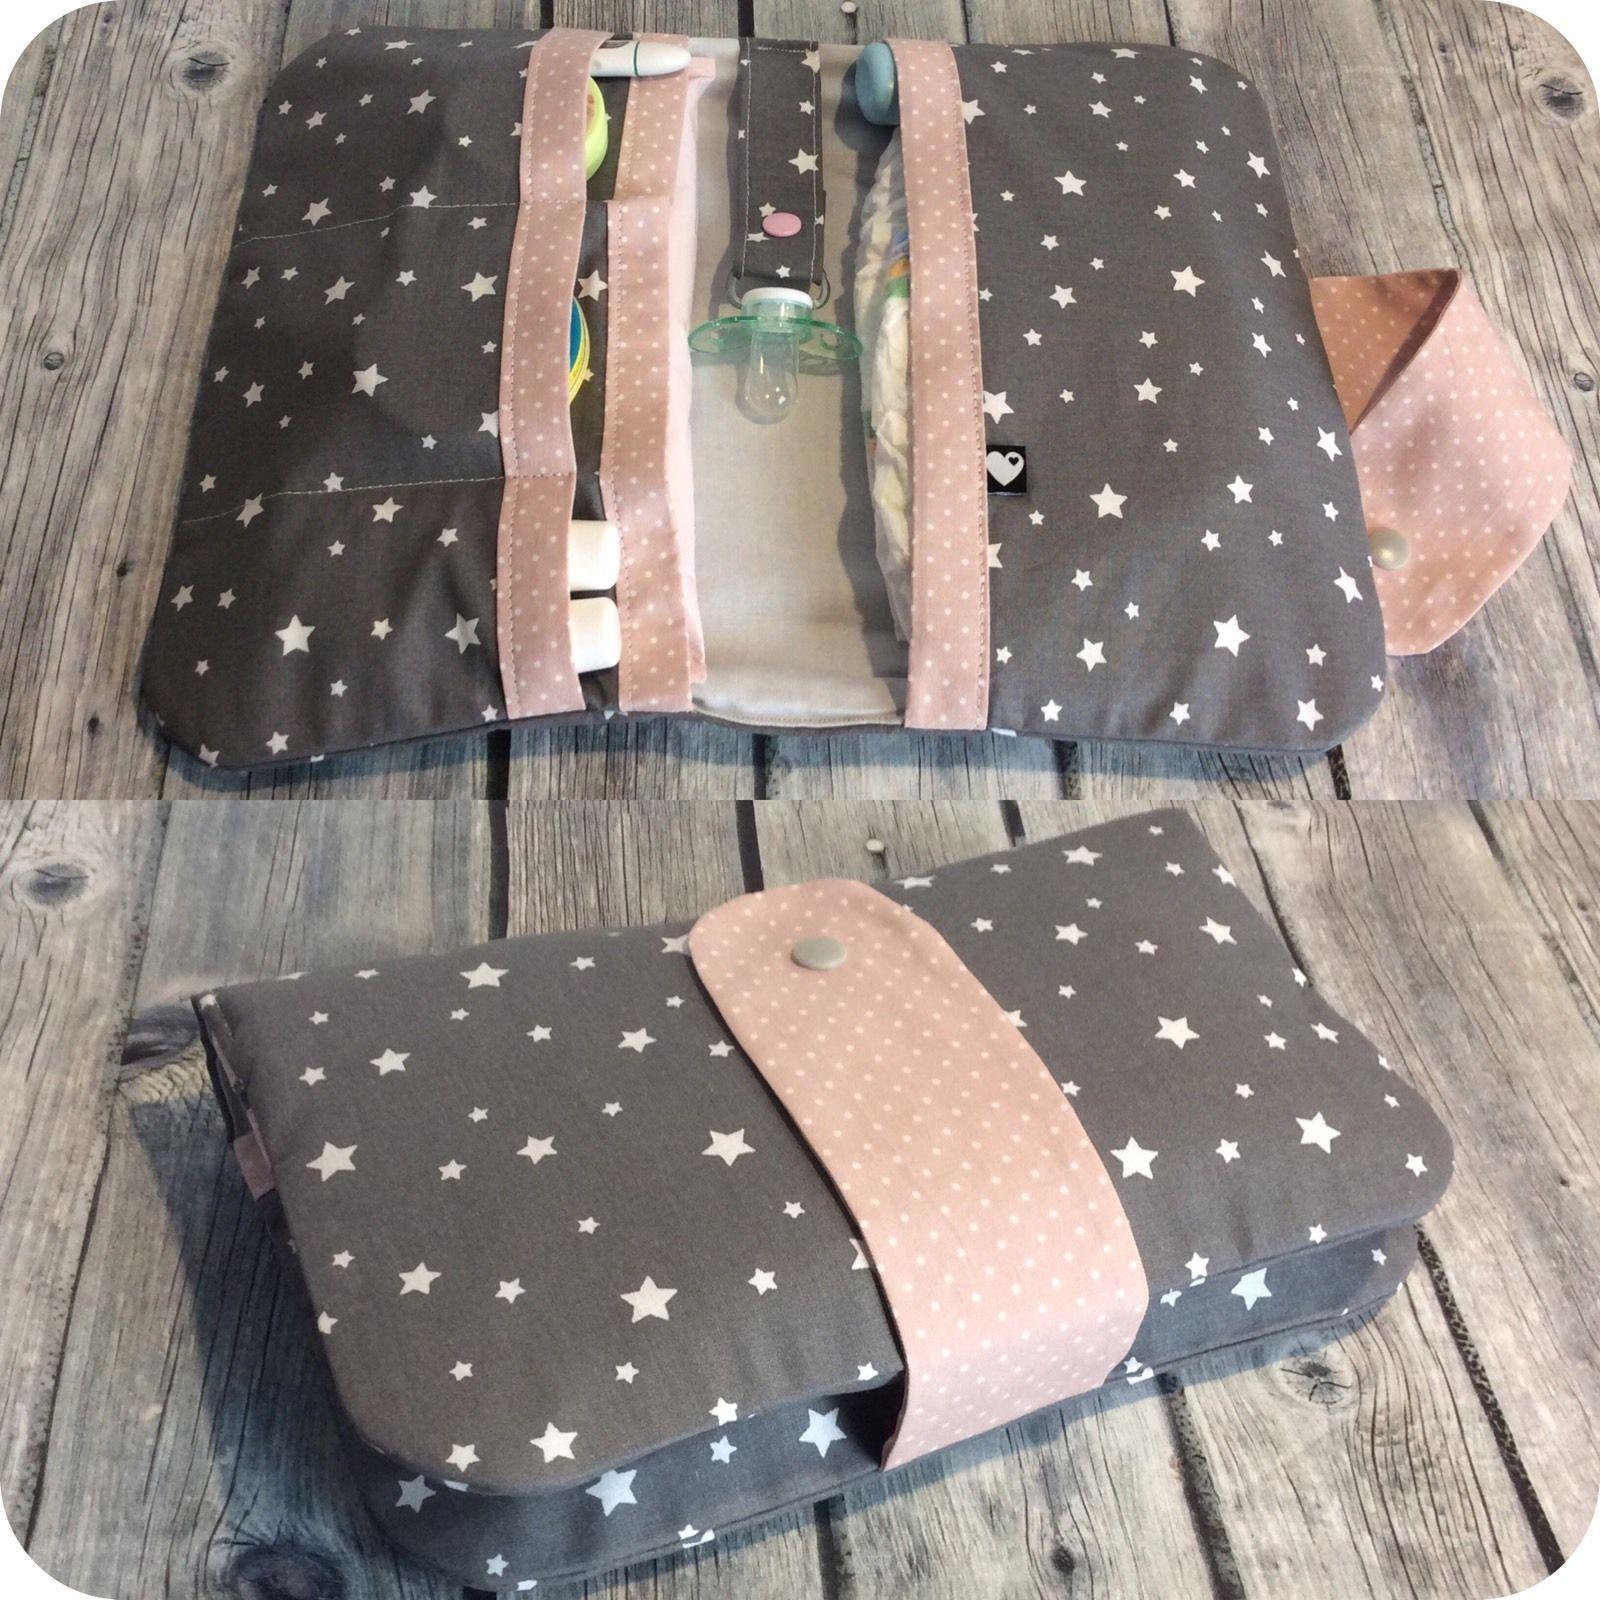 windeltasche sterne punkte schnullerband wickeltasche unikat geschenk baby windeltasche. Black Bedroom Furniture Sets. Home Design Ideas